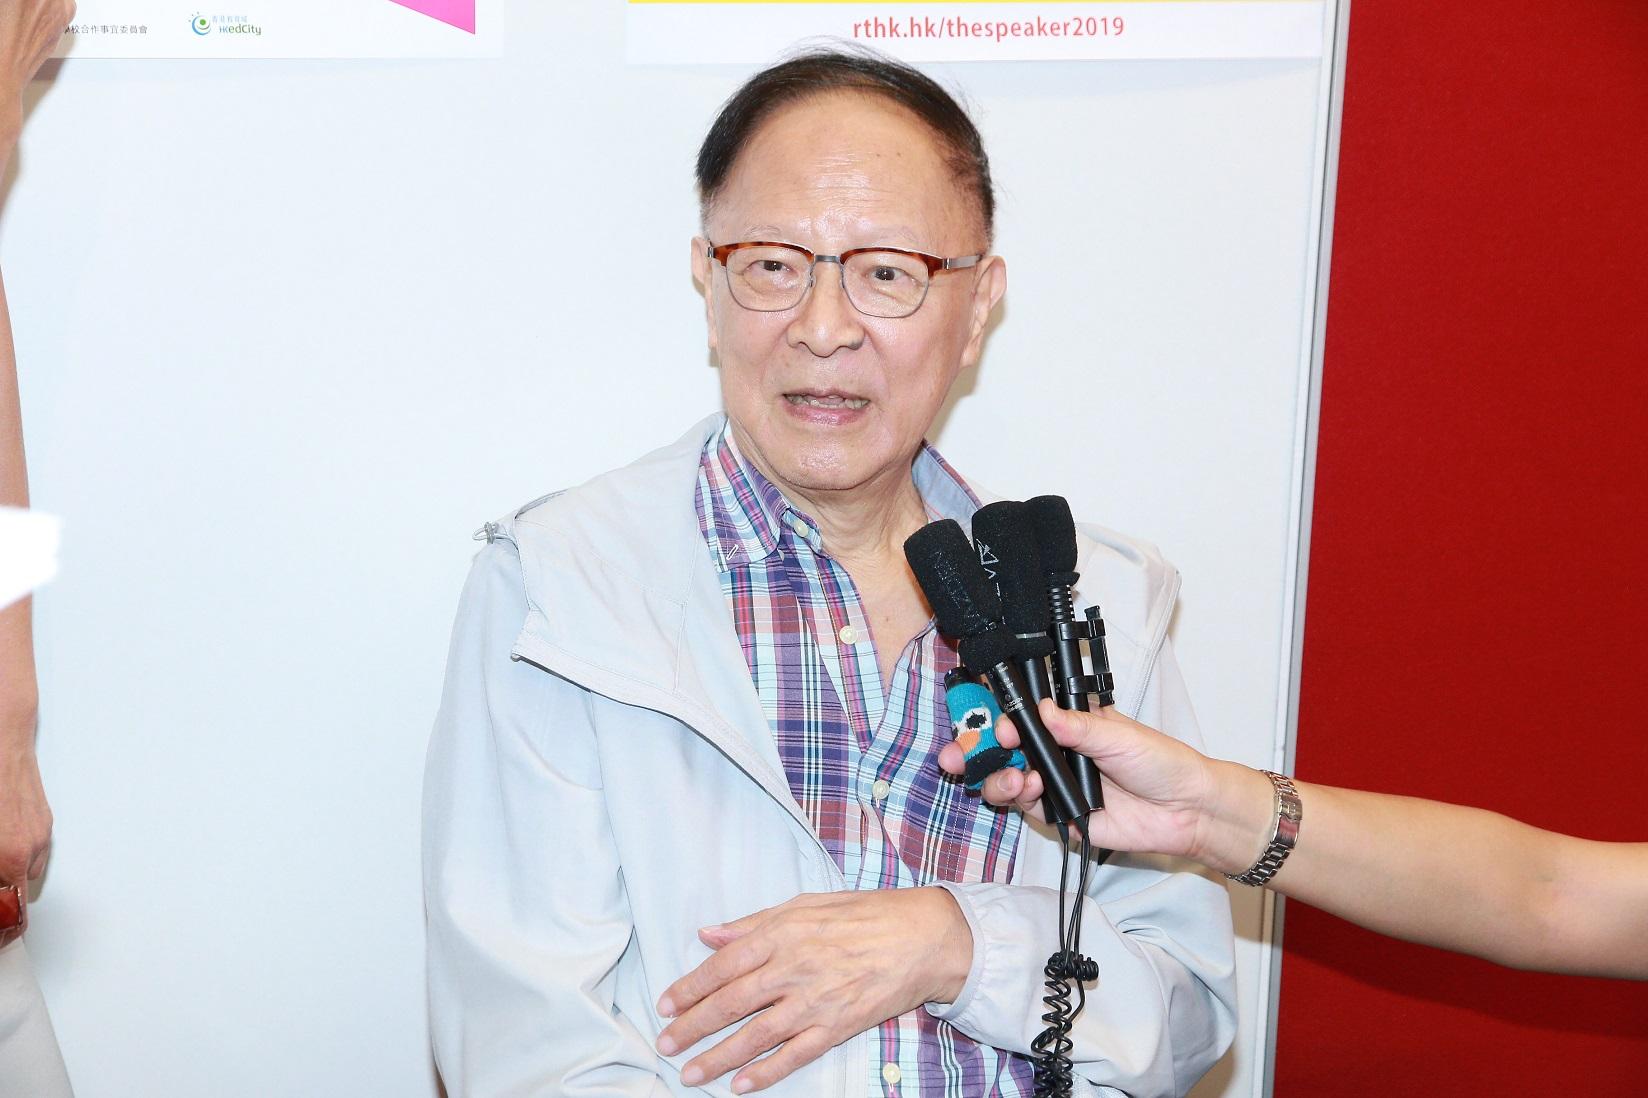 鍾景輝多年來醉心表演藝術,致力推動藝術教育,對香港表演藝術貢獻良多。資料圖片